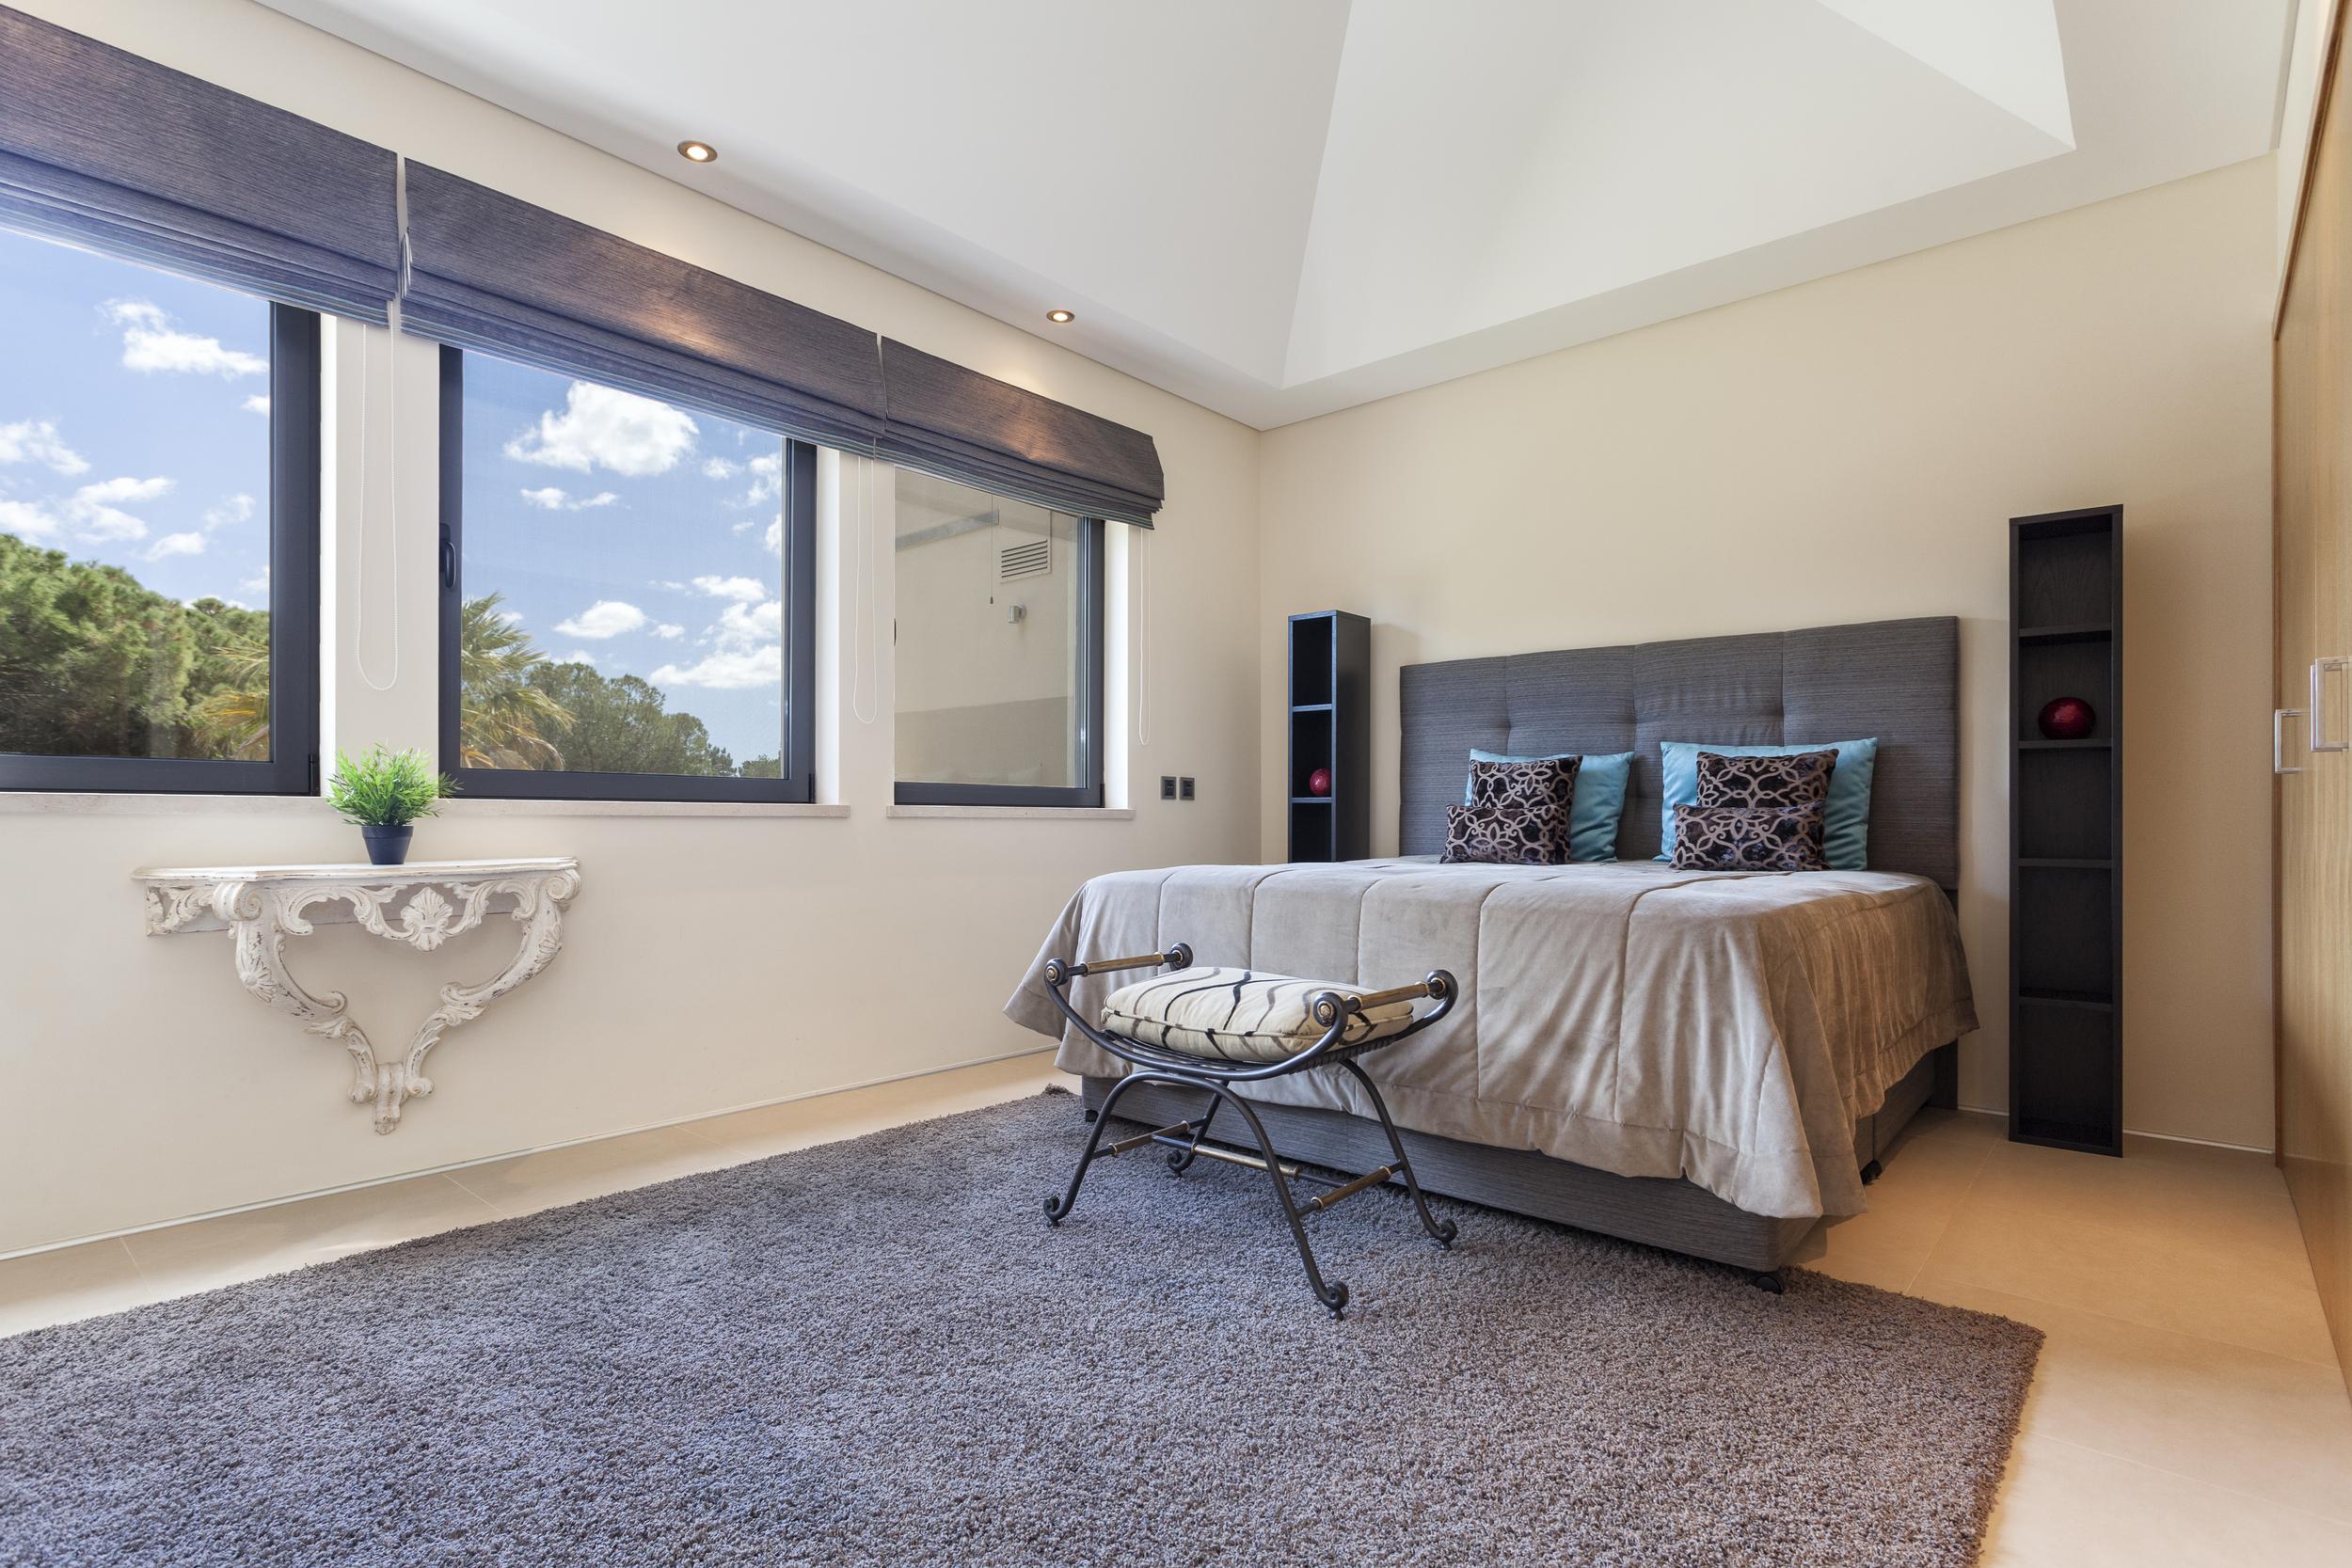 4 bedroom villa to rent in Quinta do Lago, RLV, Villa Serpentine,9.jpg